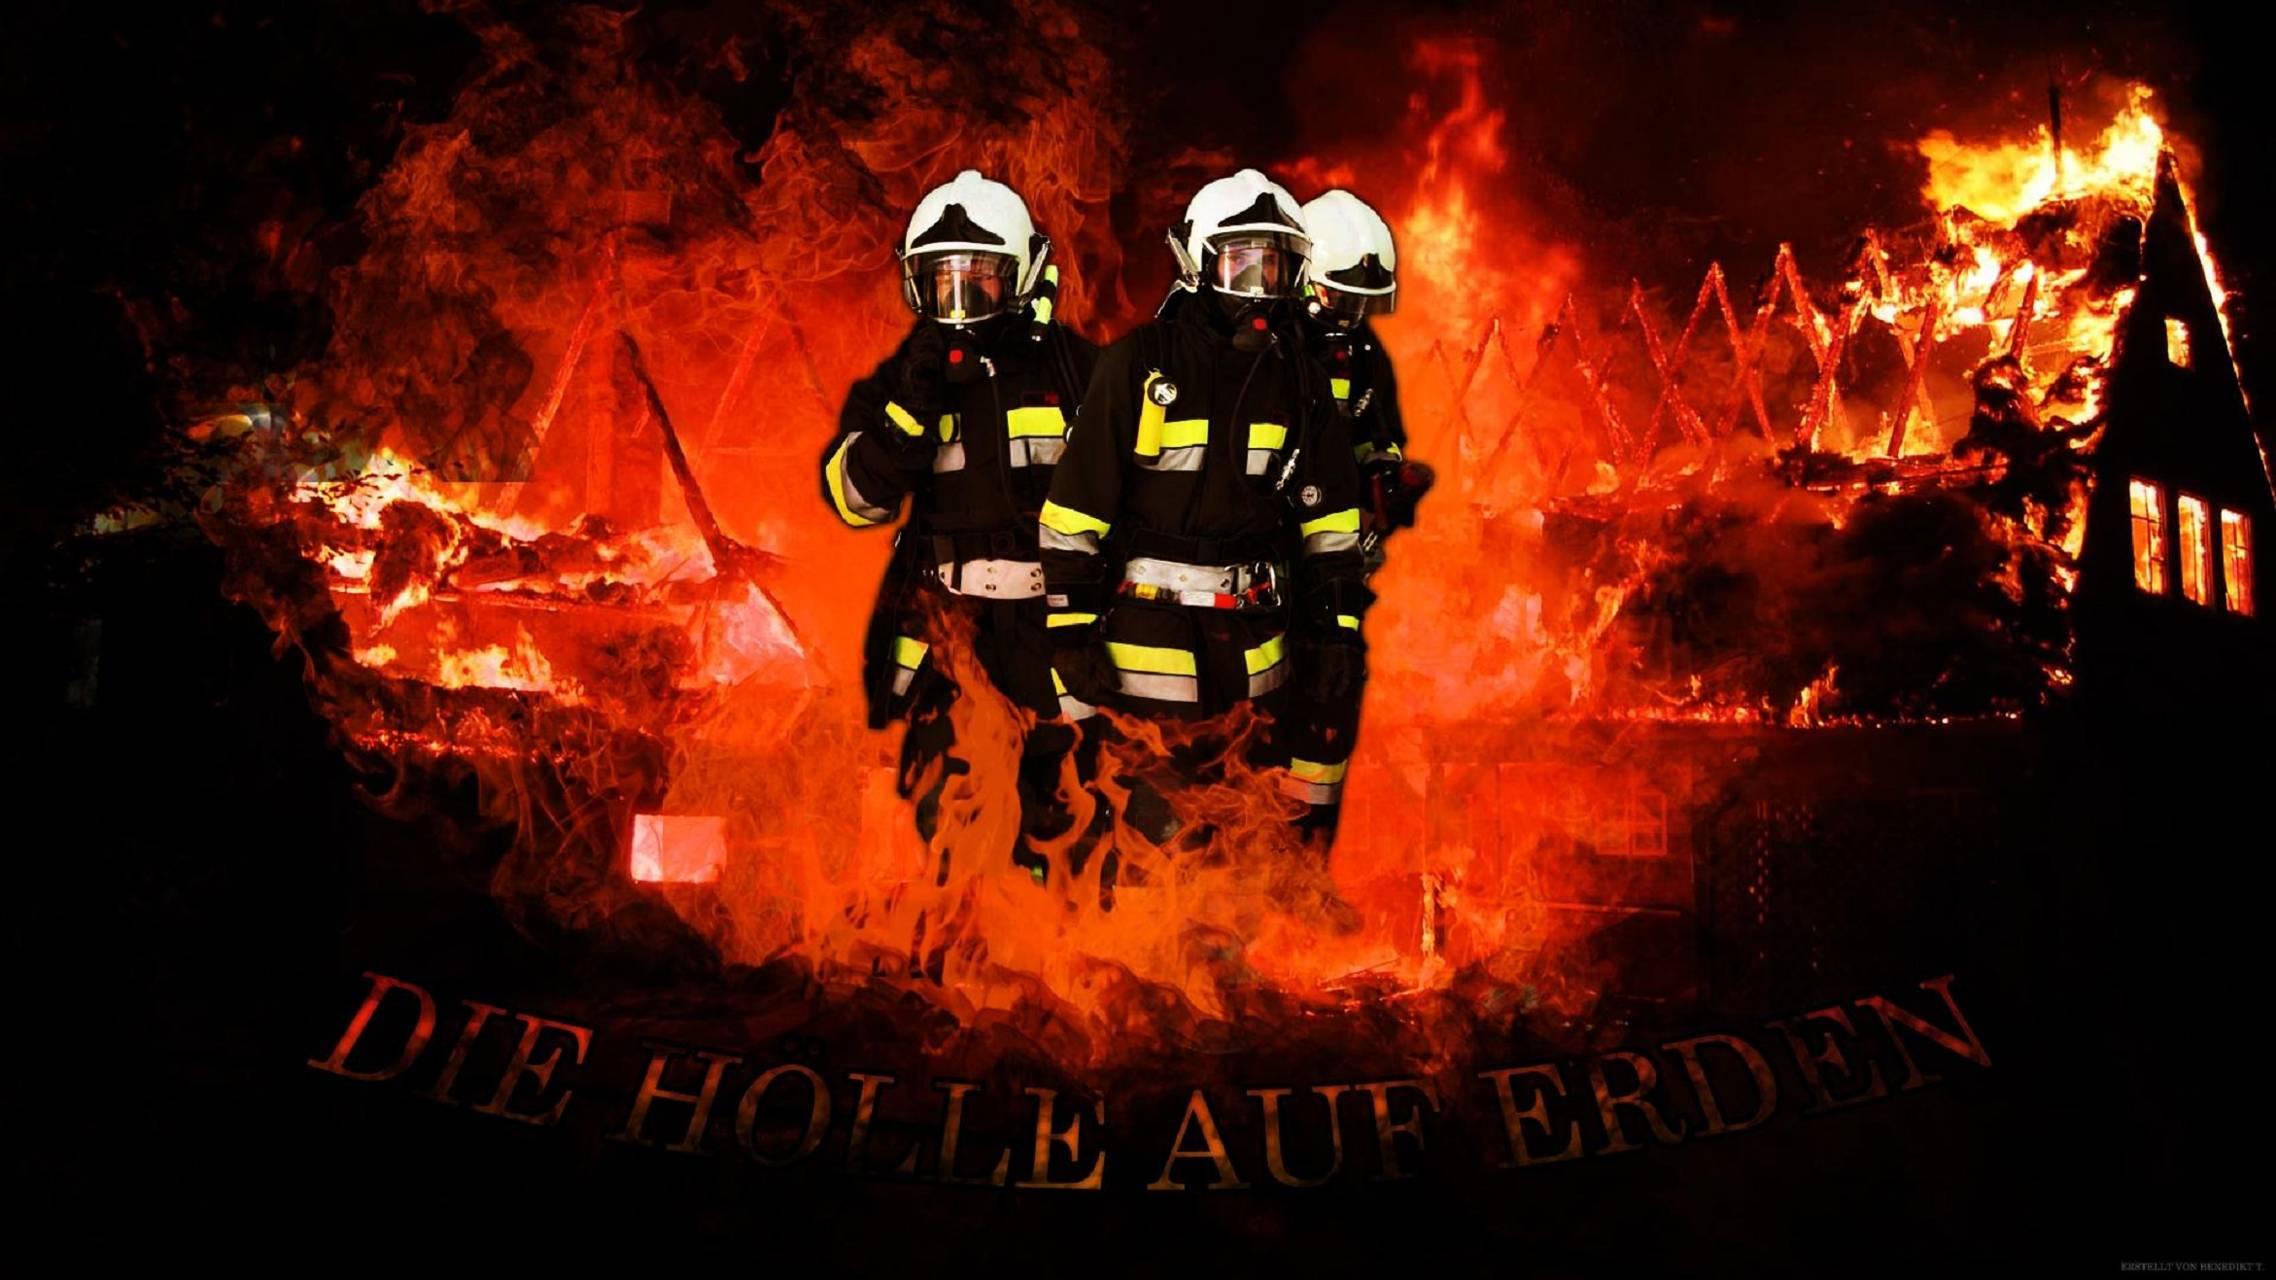 Firemans